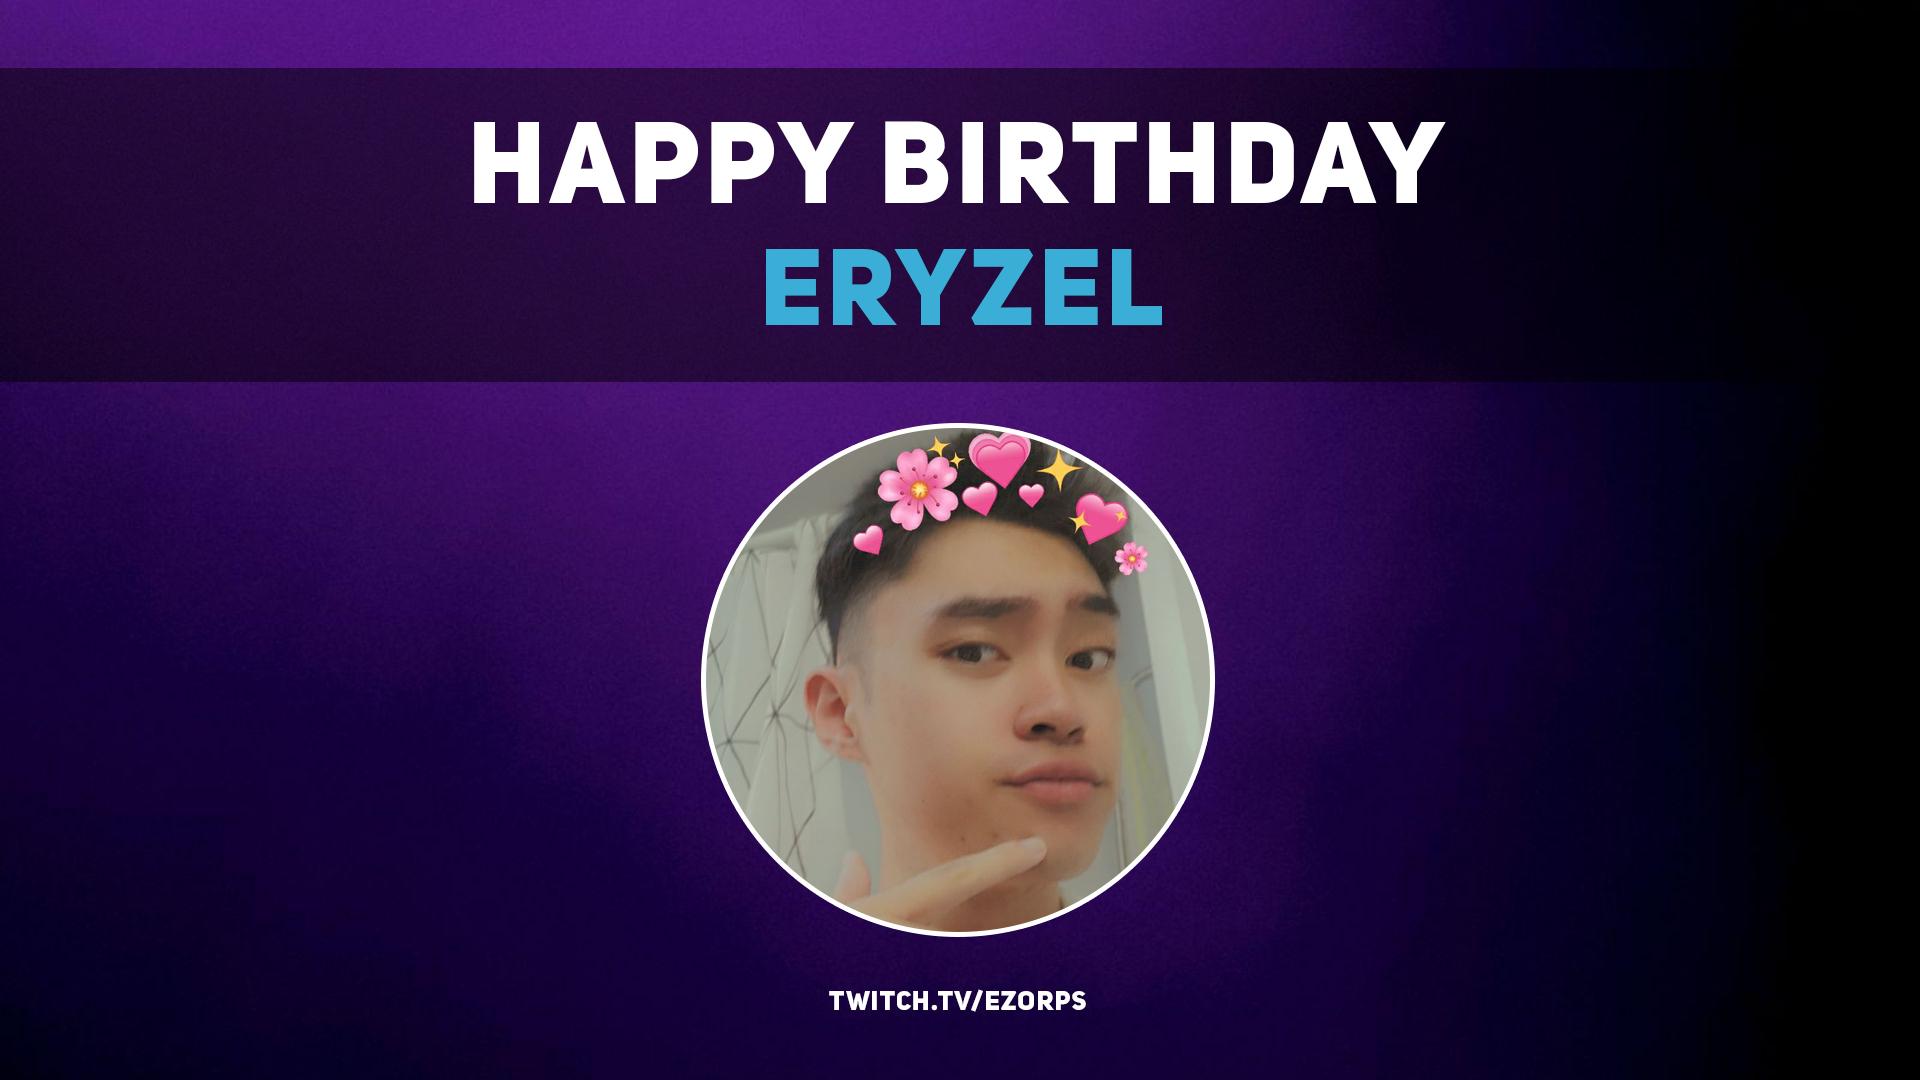 Happy Birthday Eryzel!